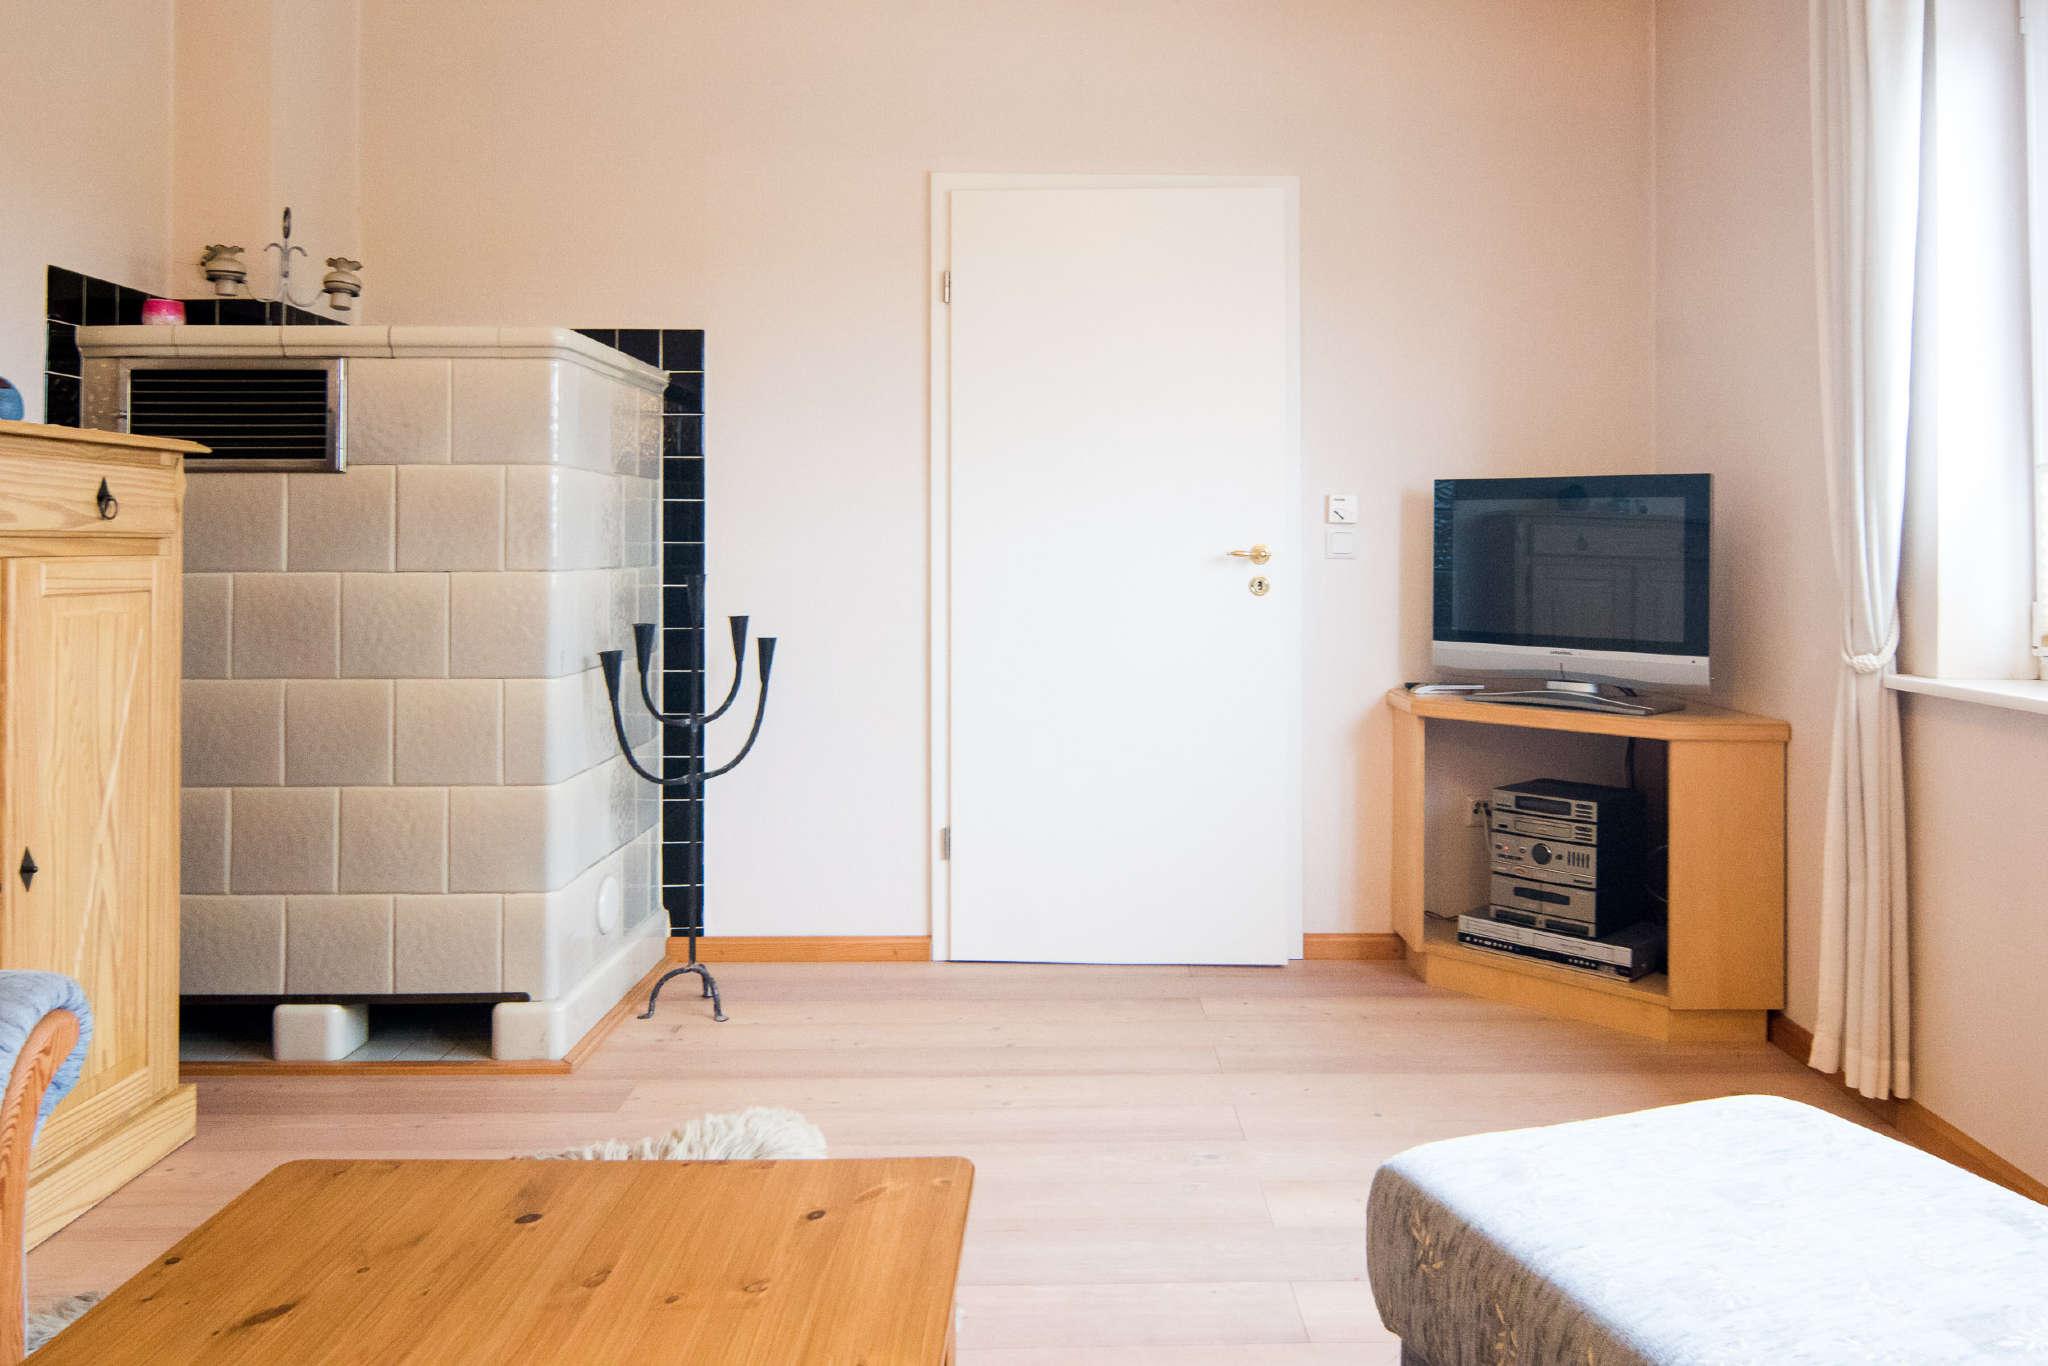 Abwechslung bieten SAT-TV u. HIFI-Anlage